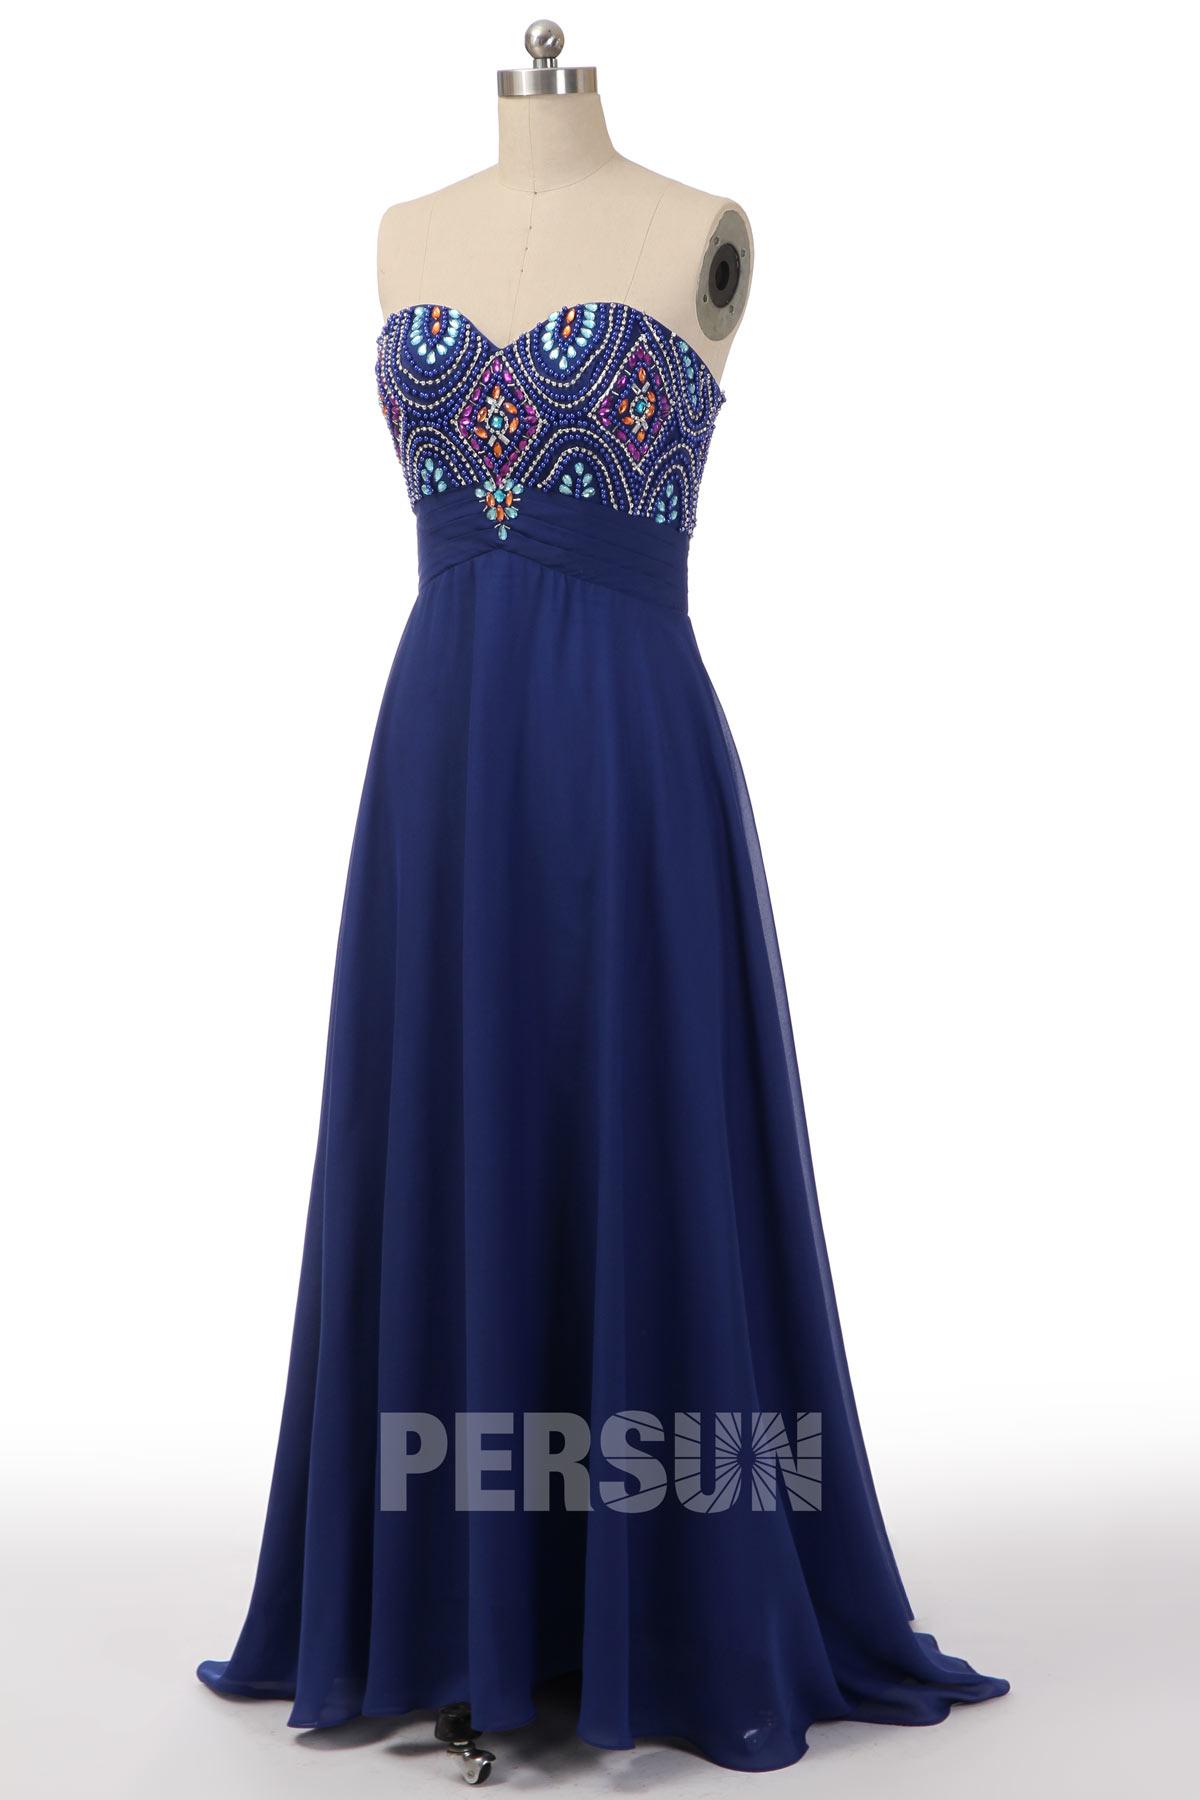 Robe de soirée bleu élégante bustier coeur embelli de perles colorées